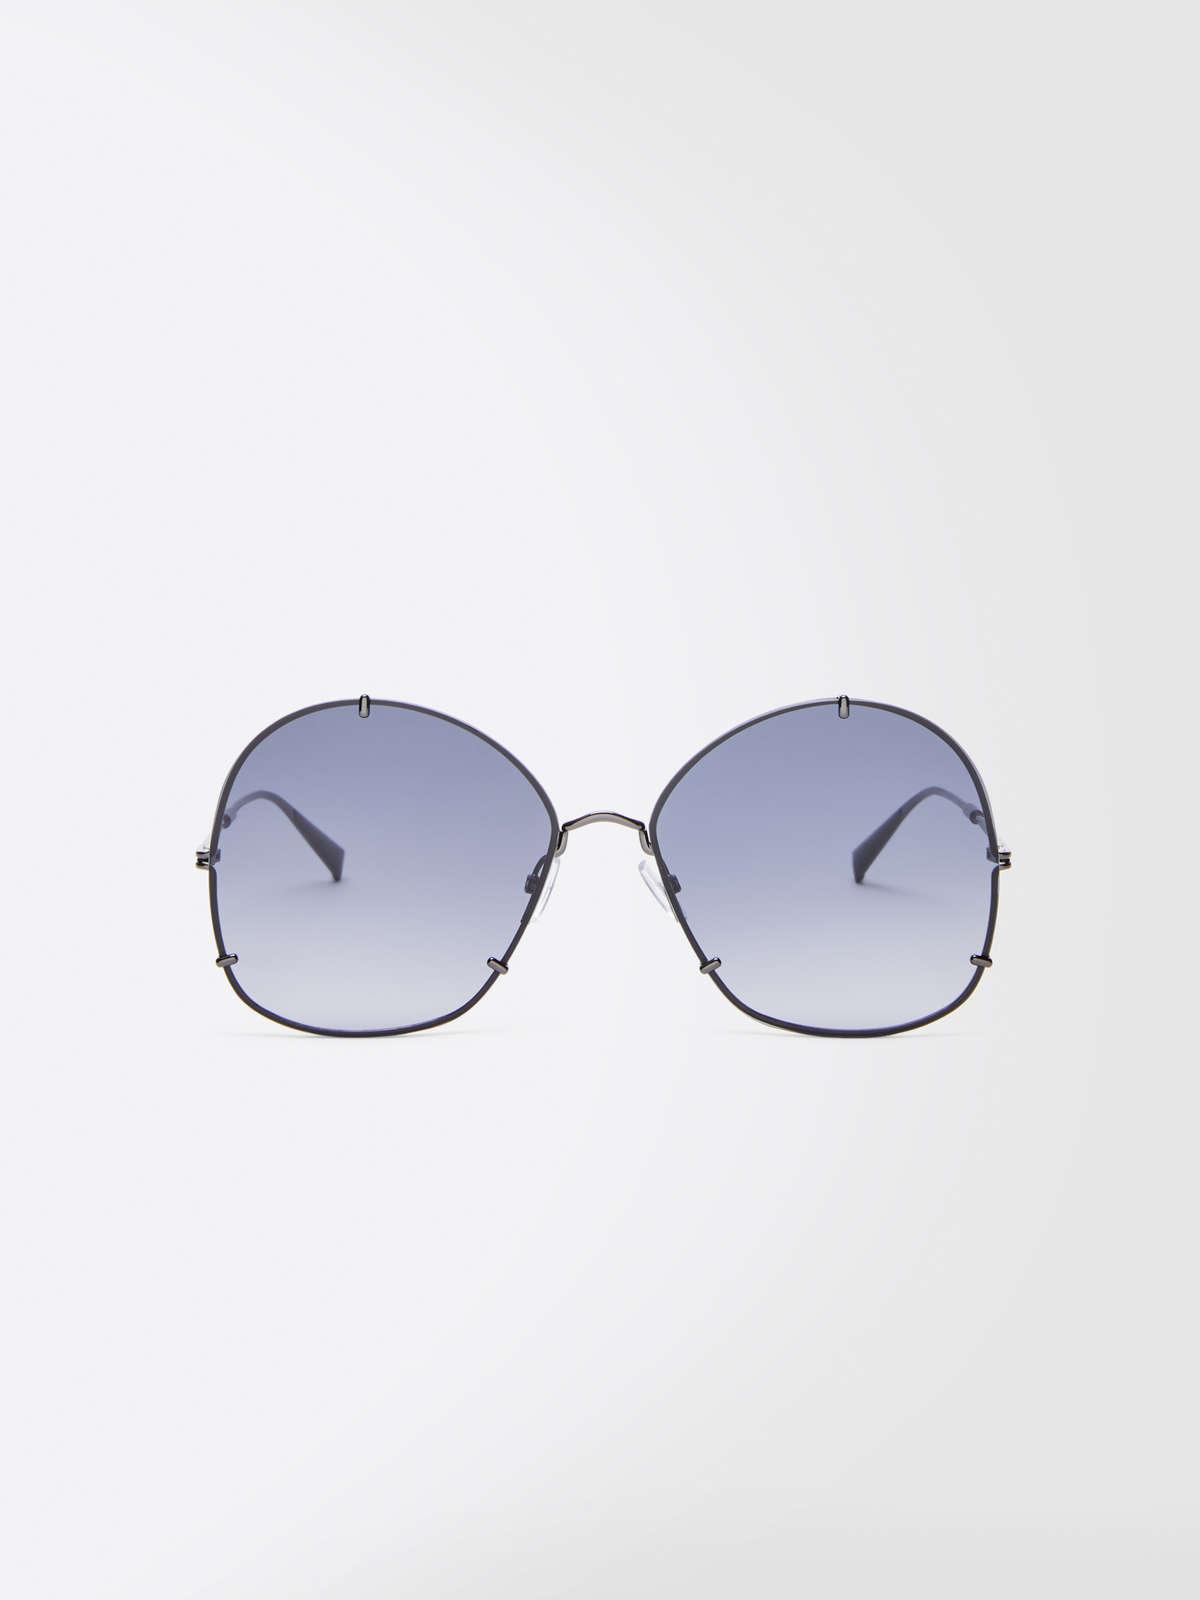 Max Mara - Runde Oversize-Sonnenbrille - 5